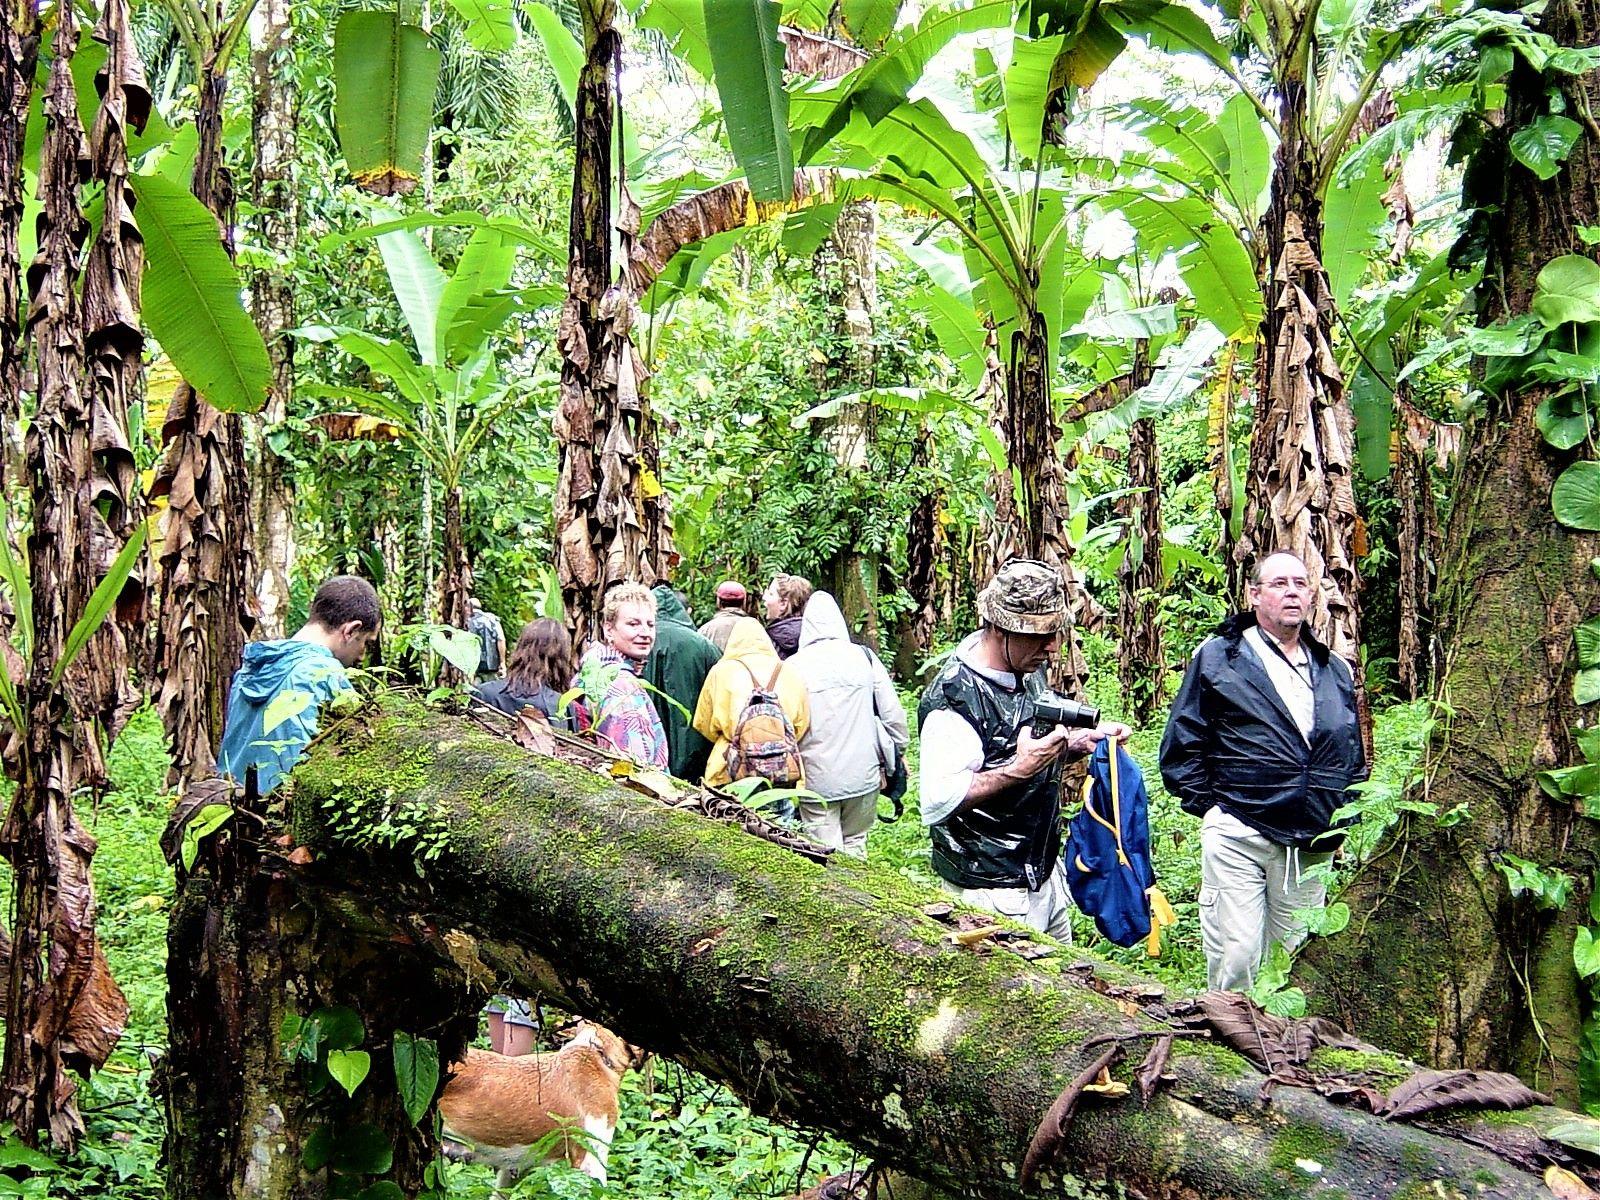 Visite d'une bananeraie 2003 Costa Rica